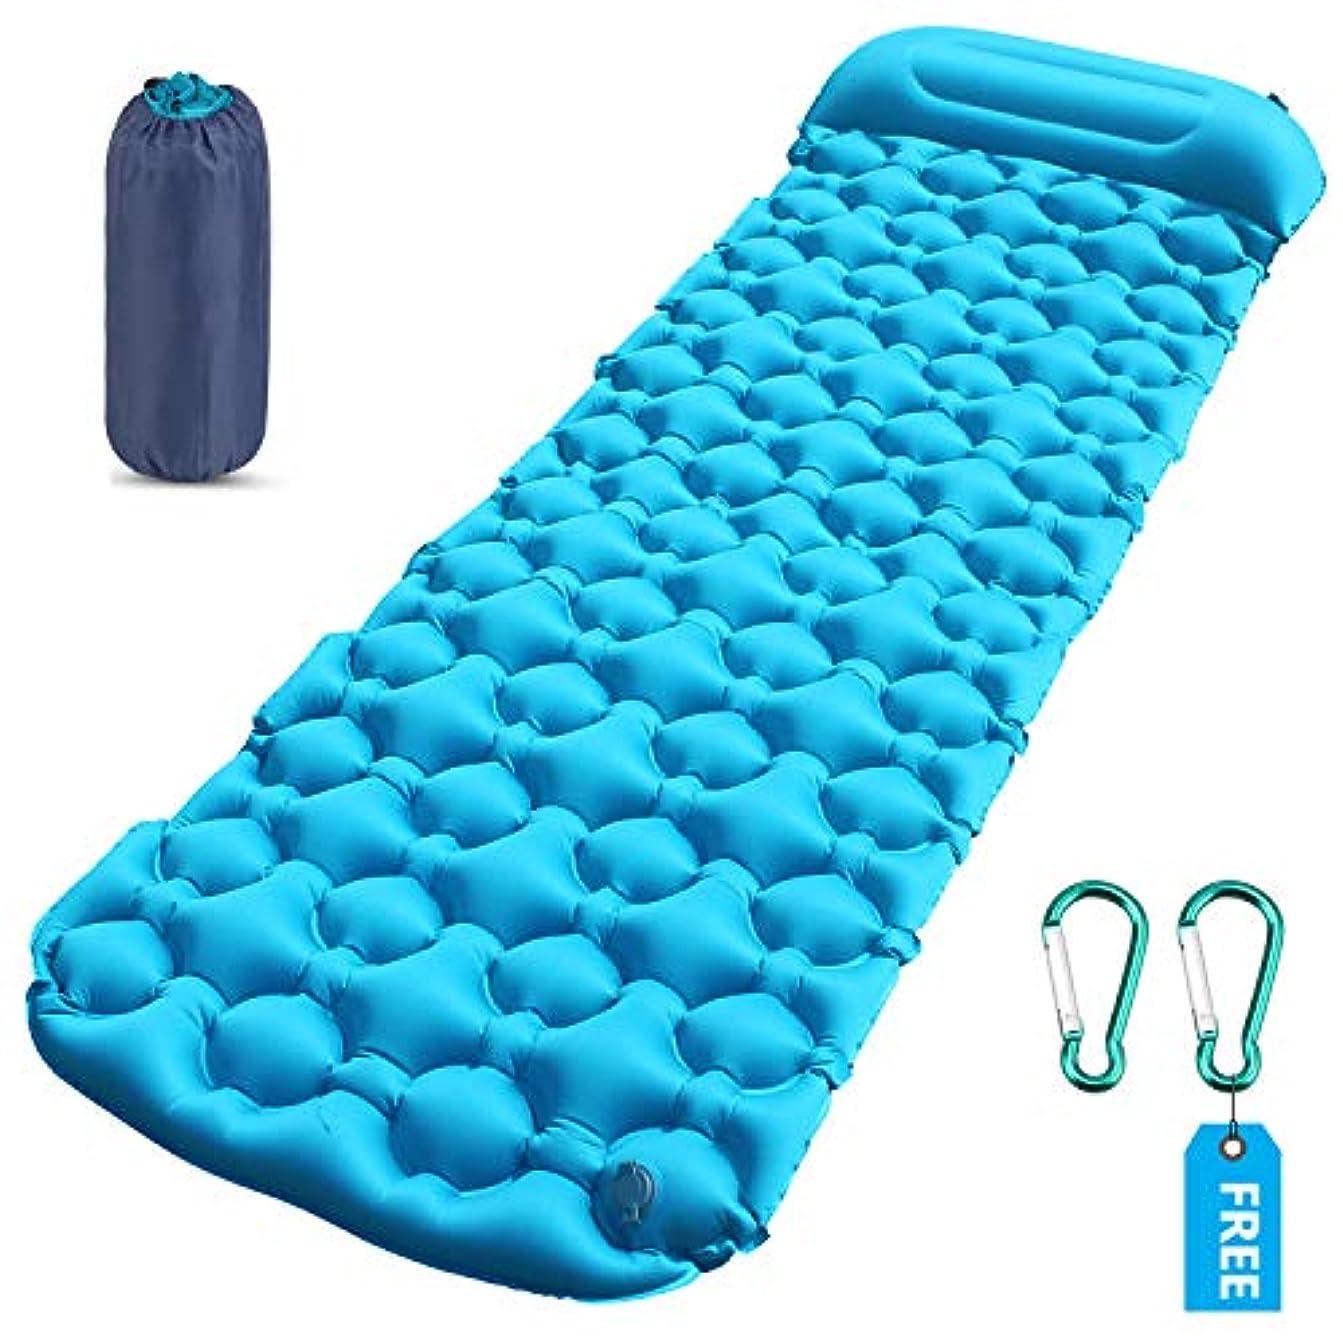 ミスペンド突き出すマニュアルAeman Sleeping Pad for Camping – 超軽量コンパクトAirインフレータブル枕ポータブルアウトドアバックハイキングのSleepingマットマットレスパッド – フリー2 xカラビナ+ 2 x修復パッチ